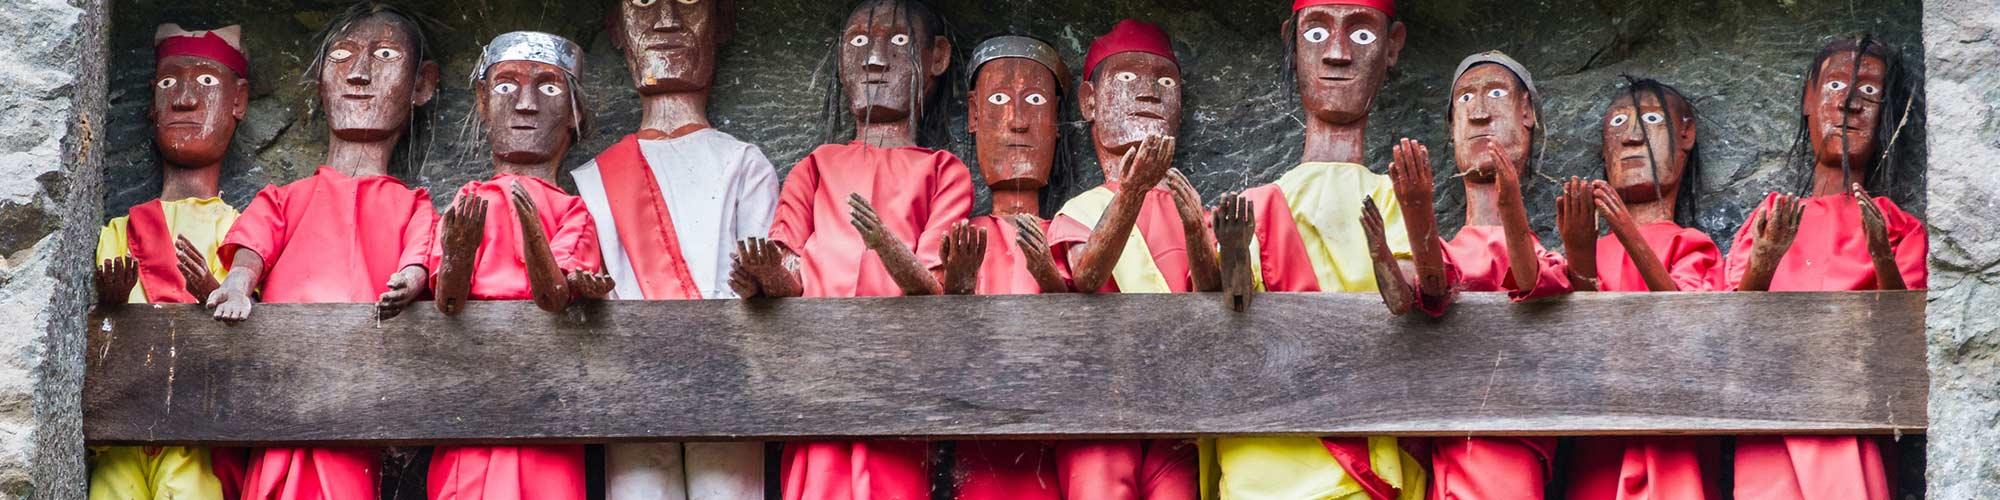 Tradicional de enterramiento sitio en Tana Toraja - El Pais Viajes